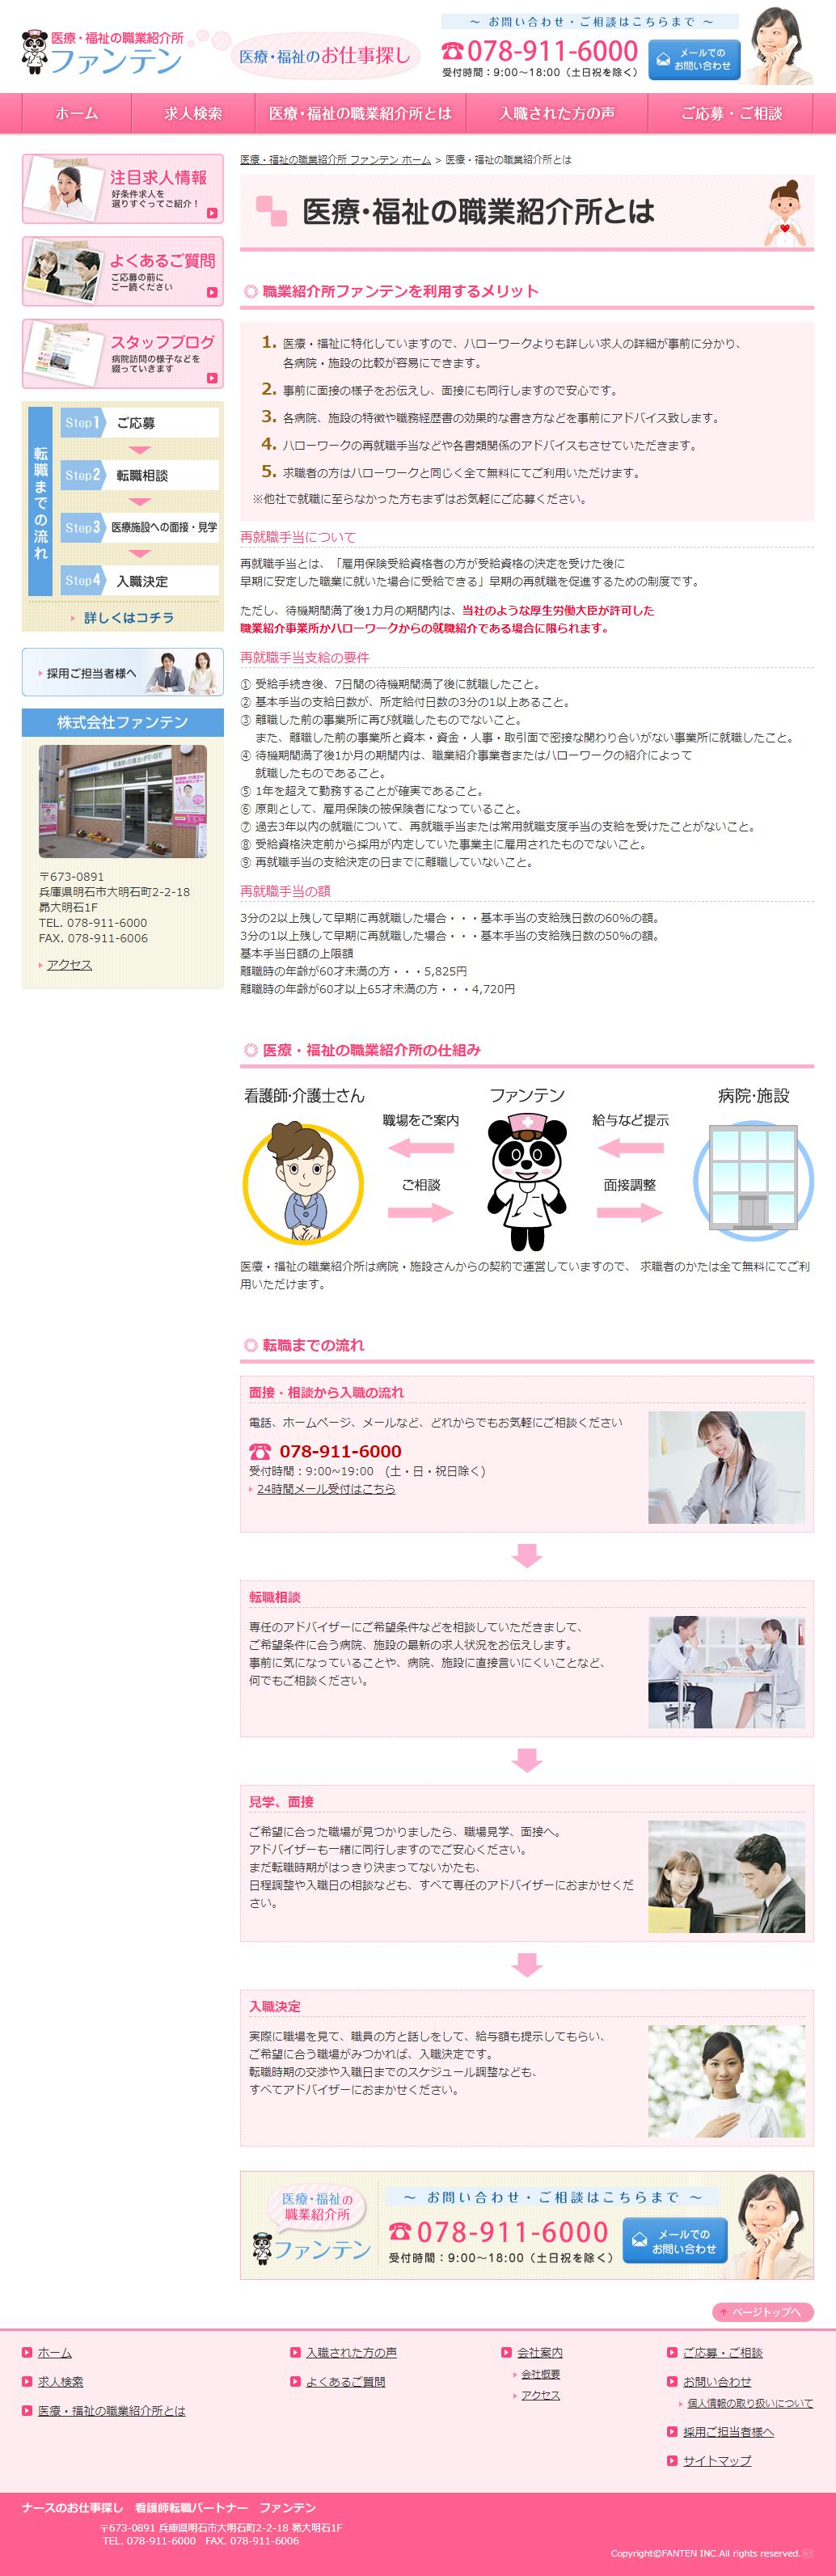 明石市 株式会社ファンテン様 ホームページ制作2